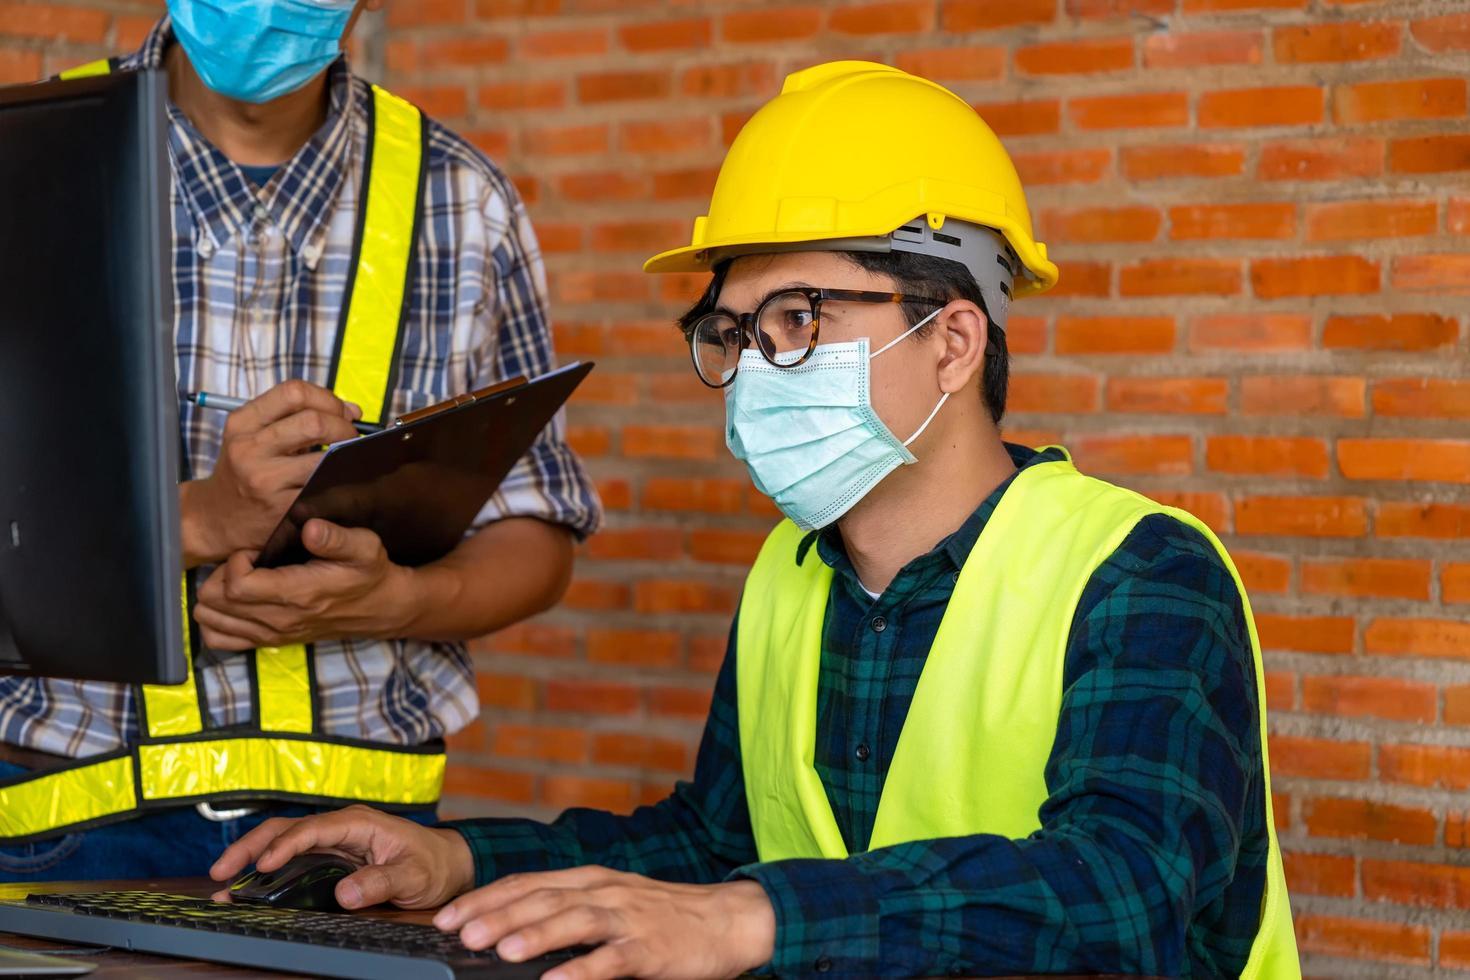 Mann trägt Schutzausrüstung mit Computer foto